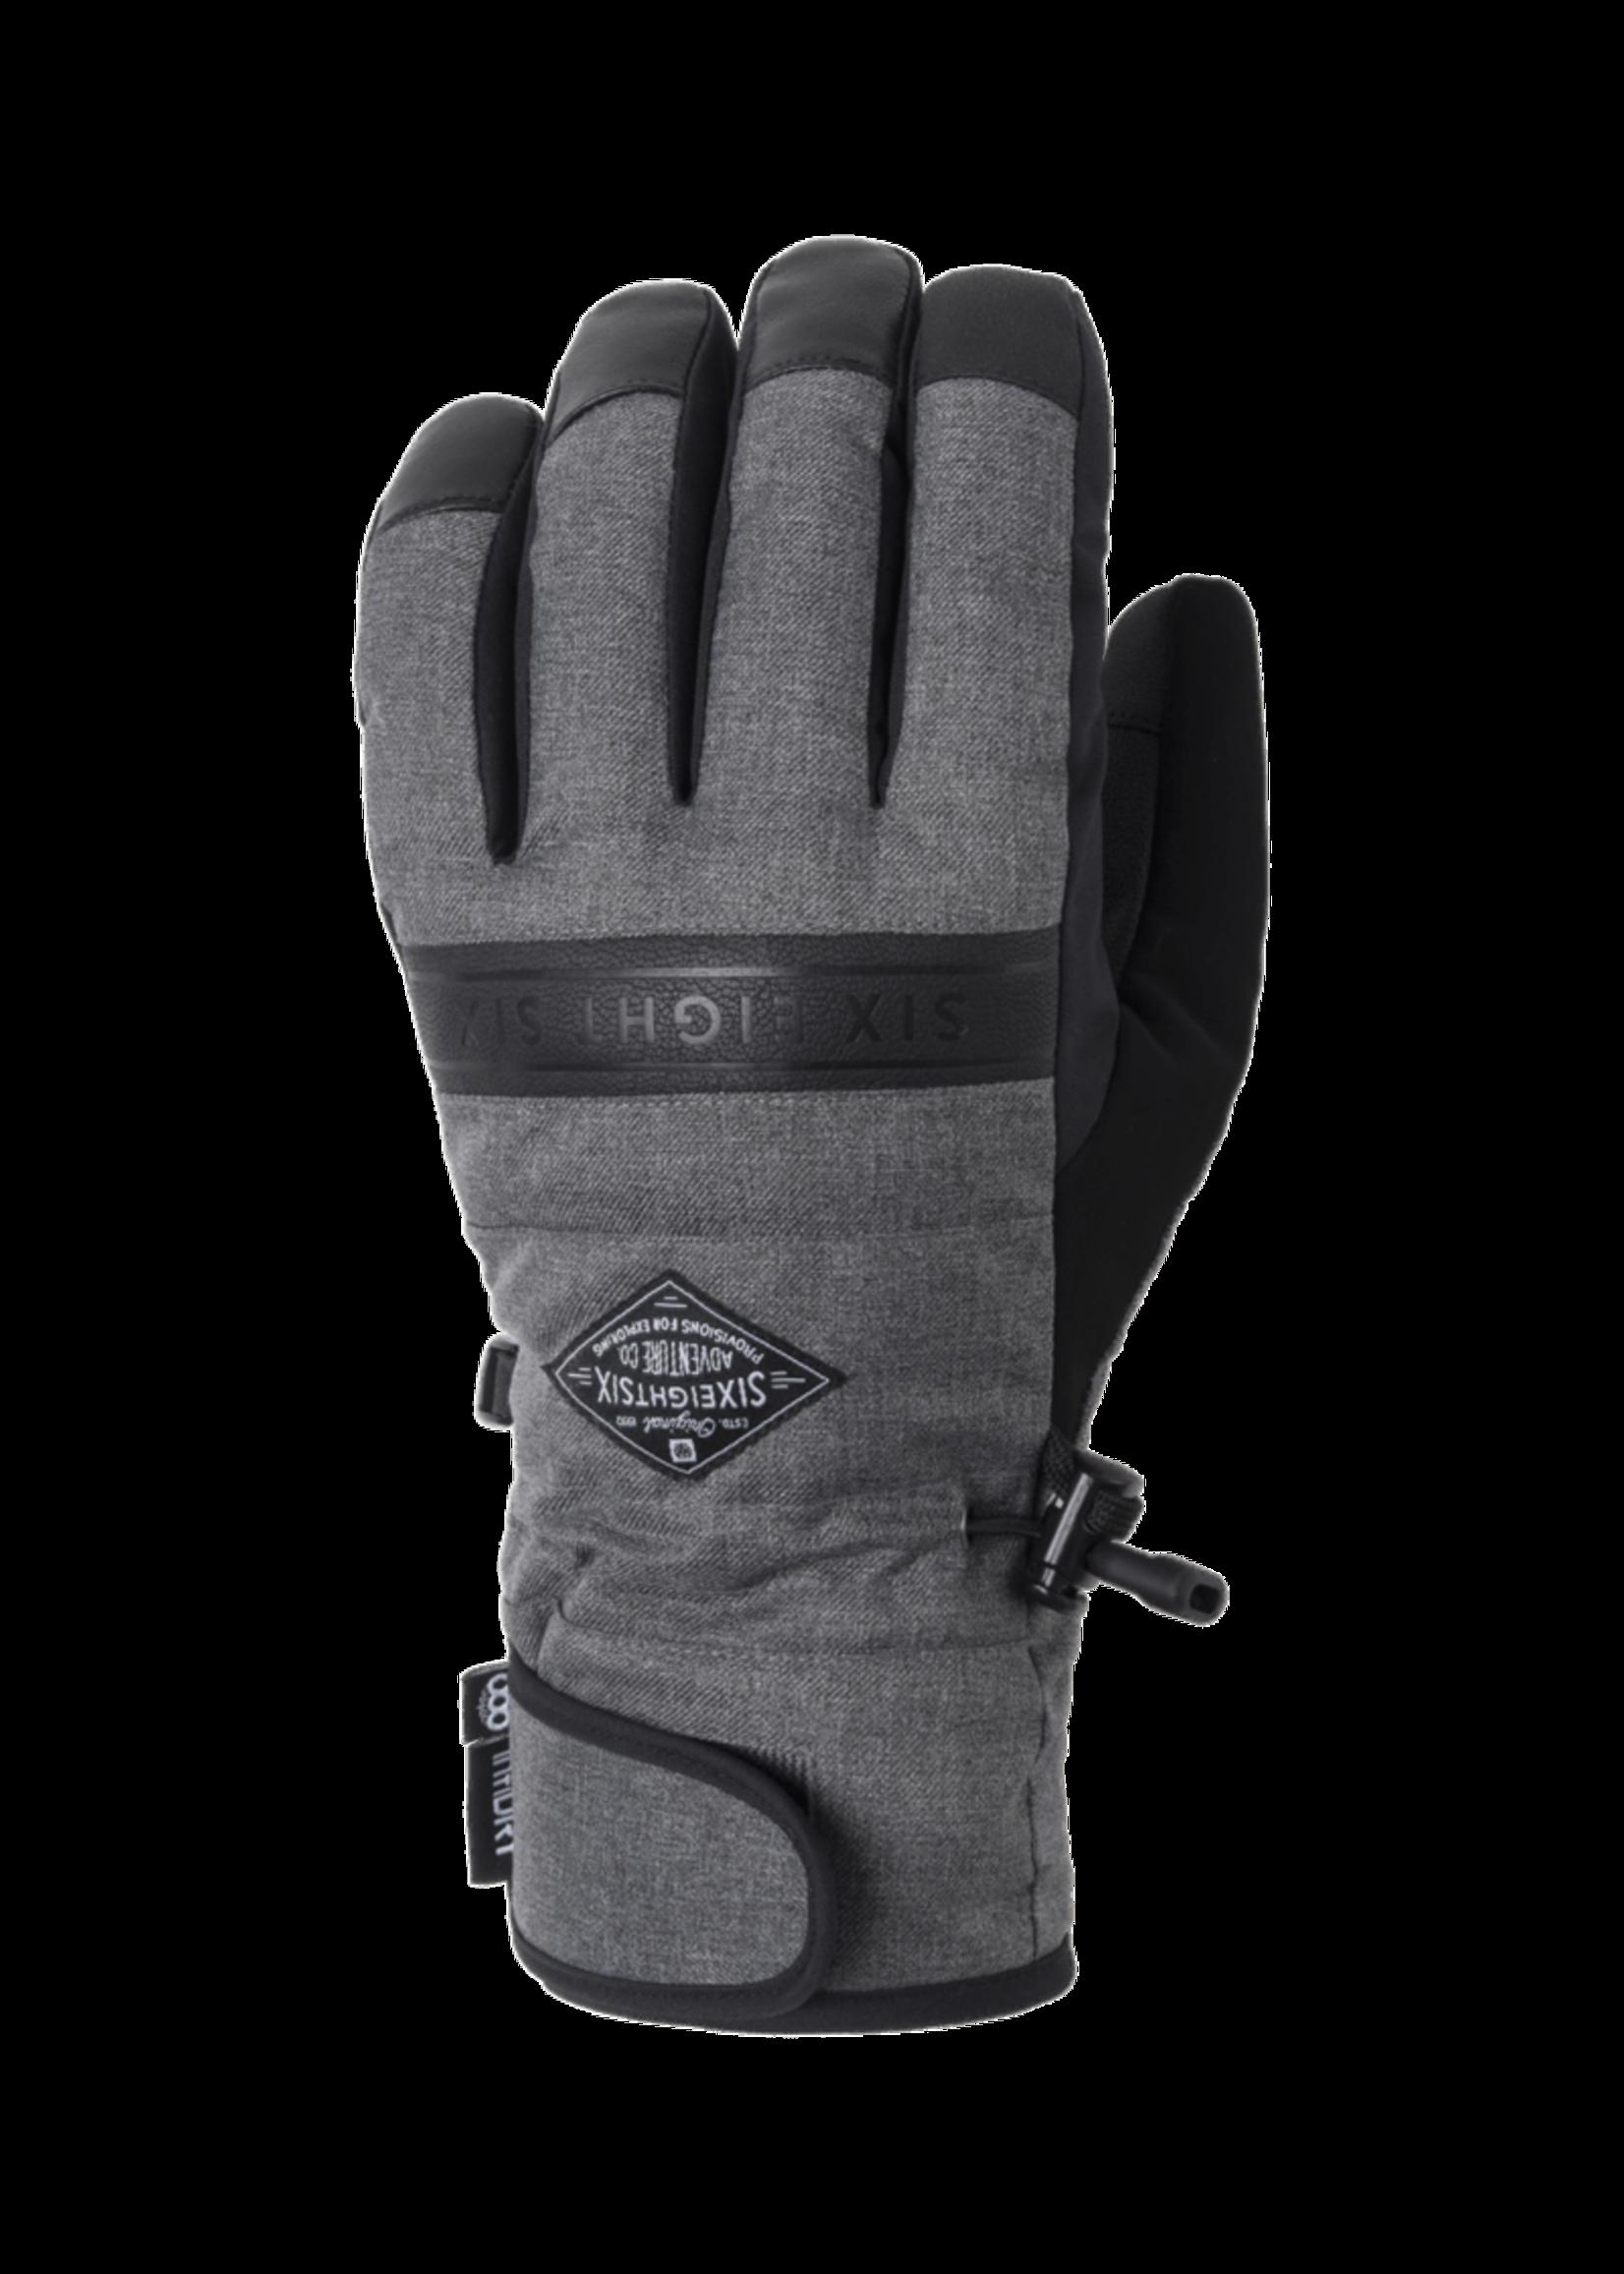 686 686 Recon Glove